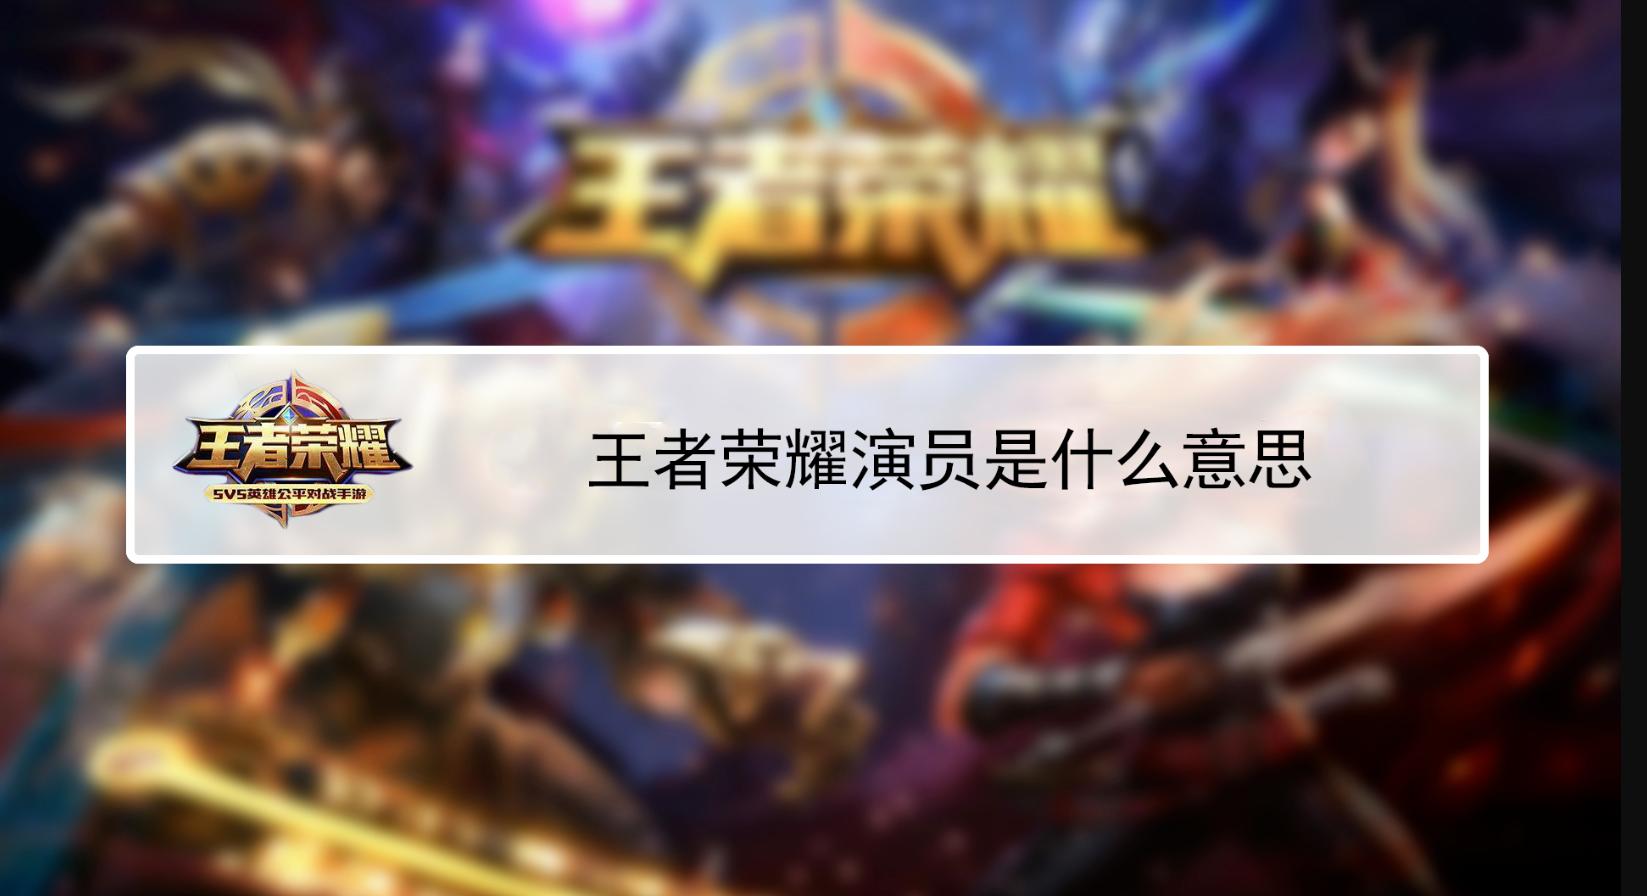 """【王者荣耀】""""演员""""是什么意思?"""